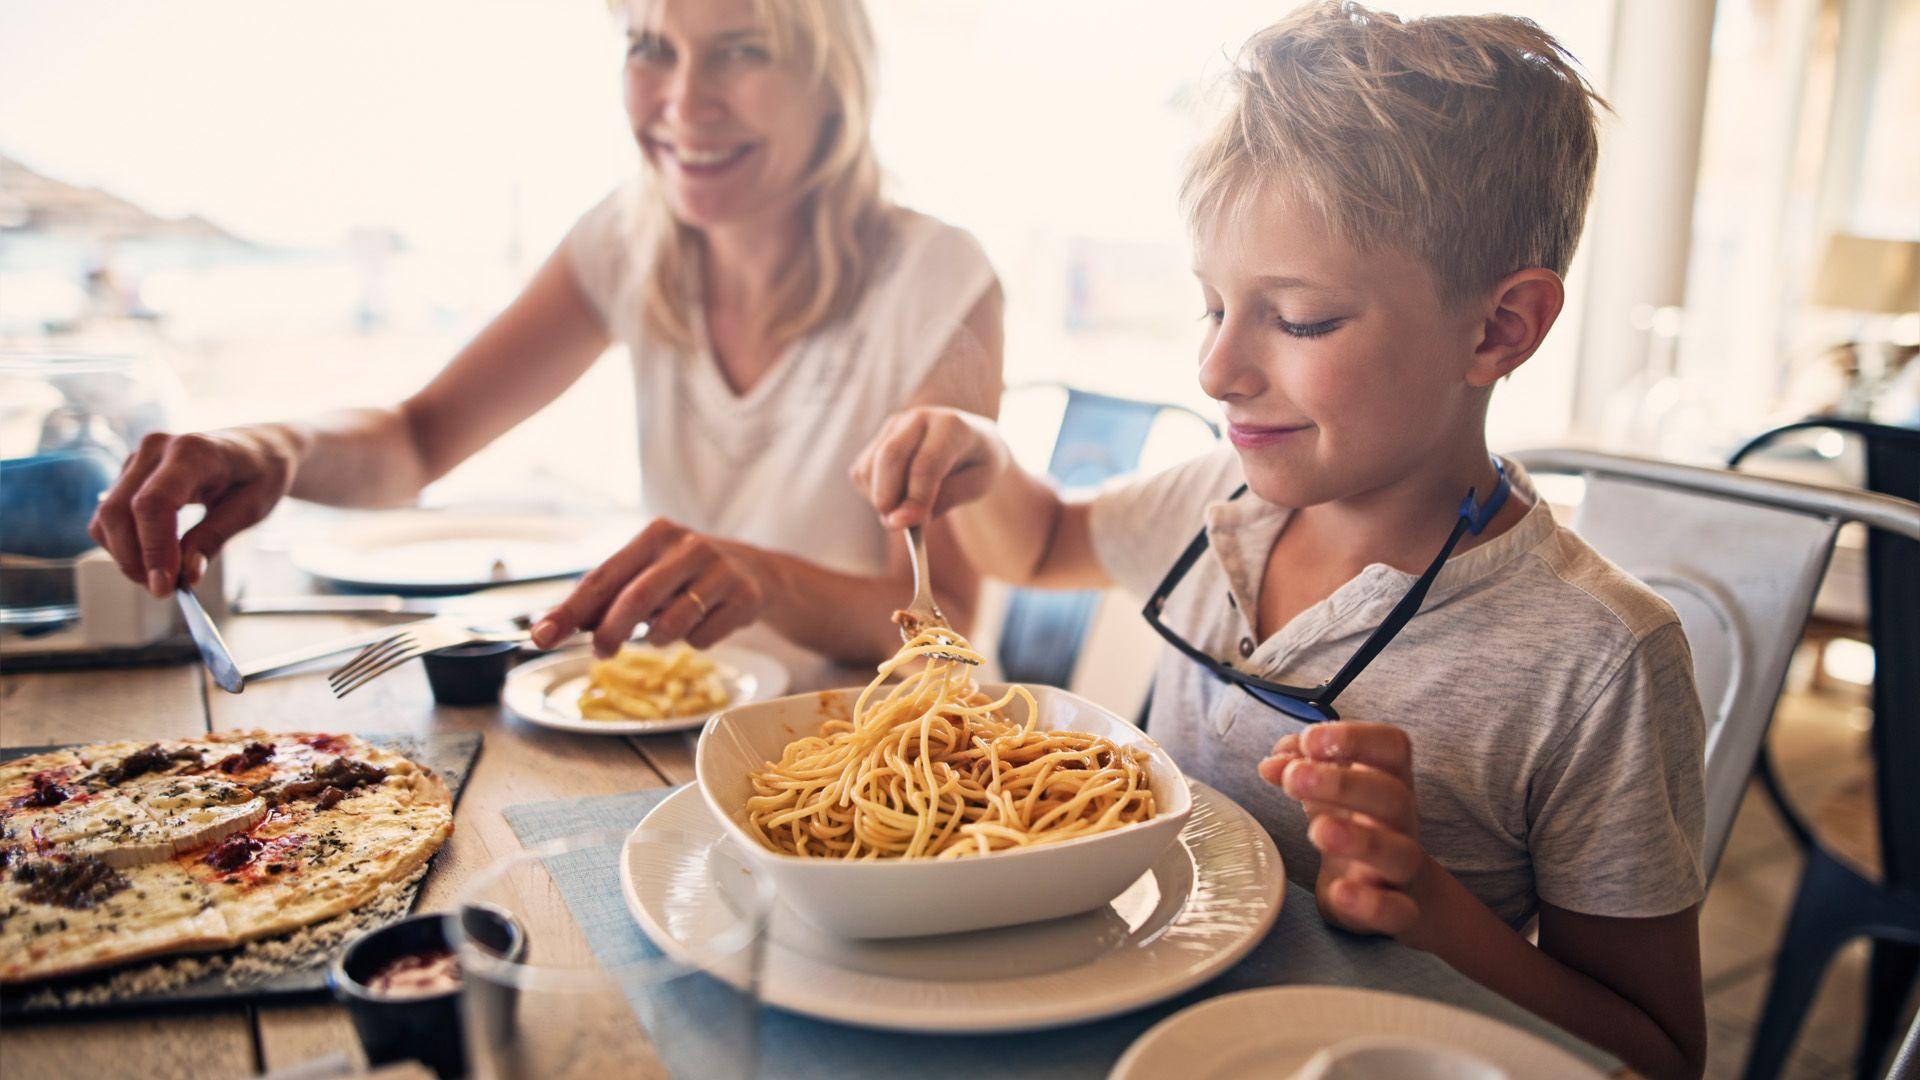 Ezért nehéz gyerekkel étterembe menni